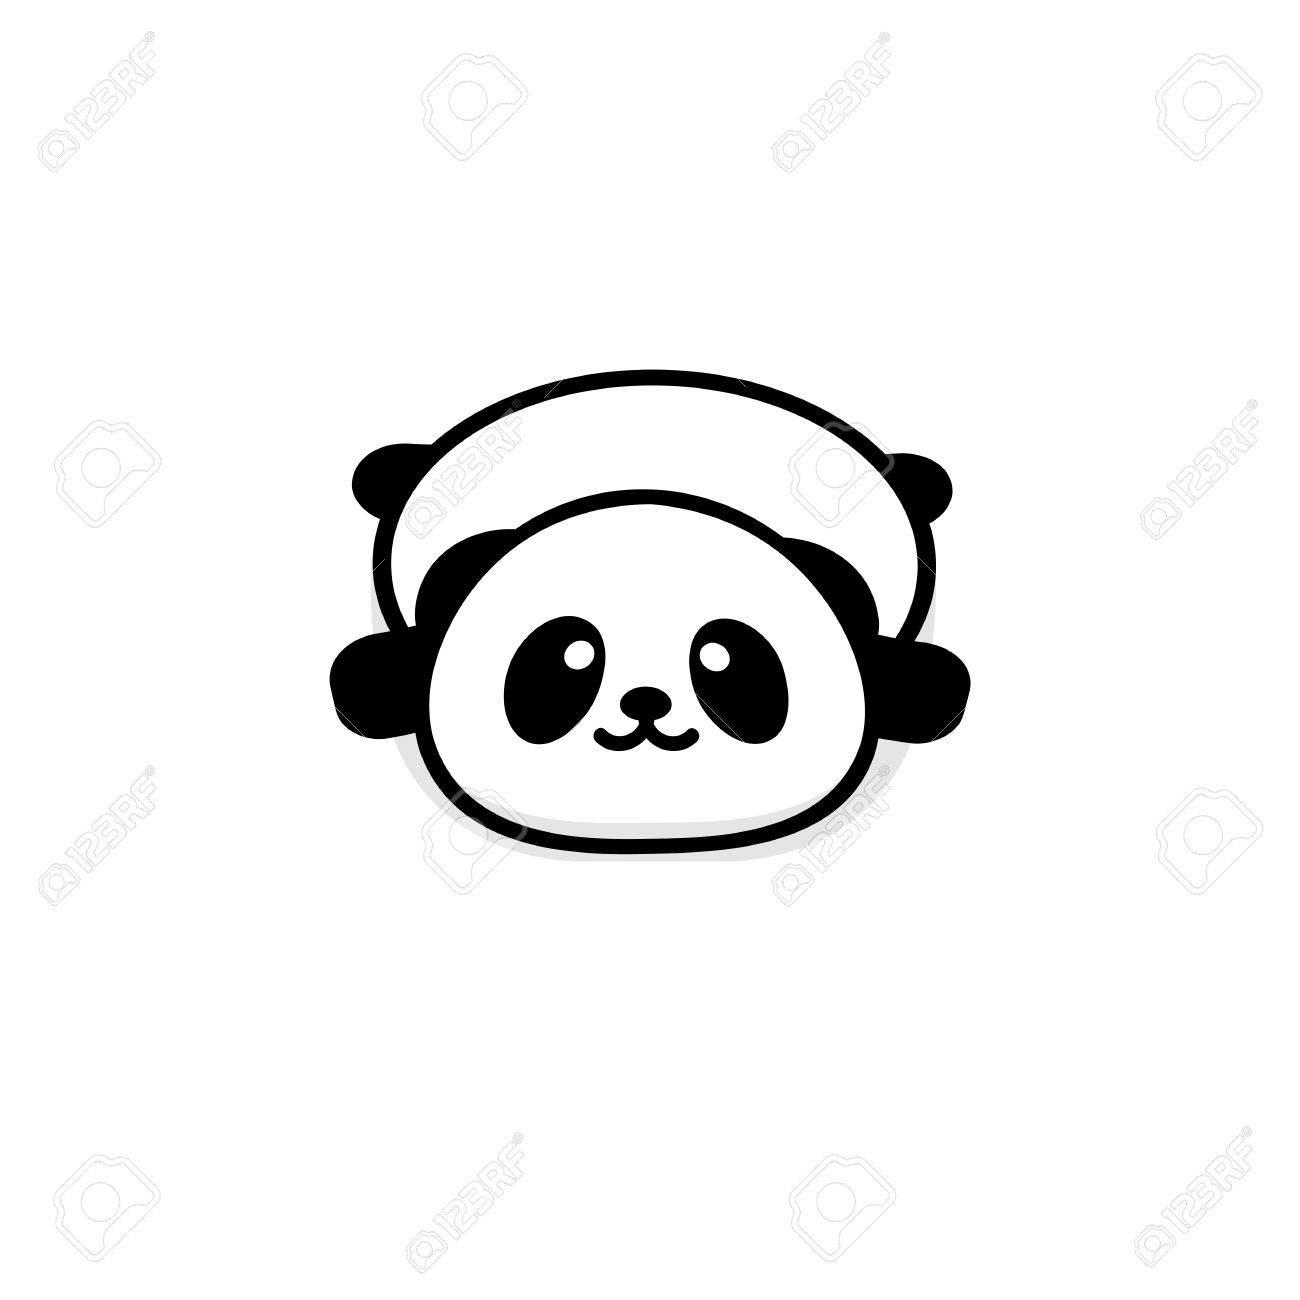 Dessin De Panda Mignon Facile A Faire